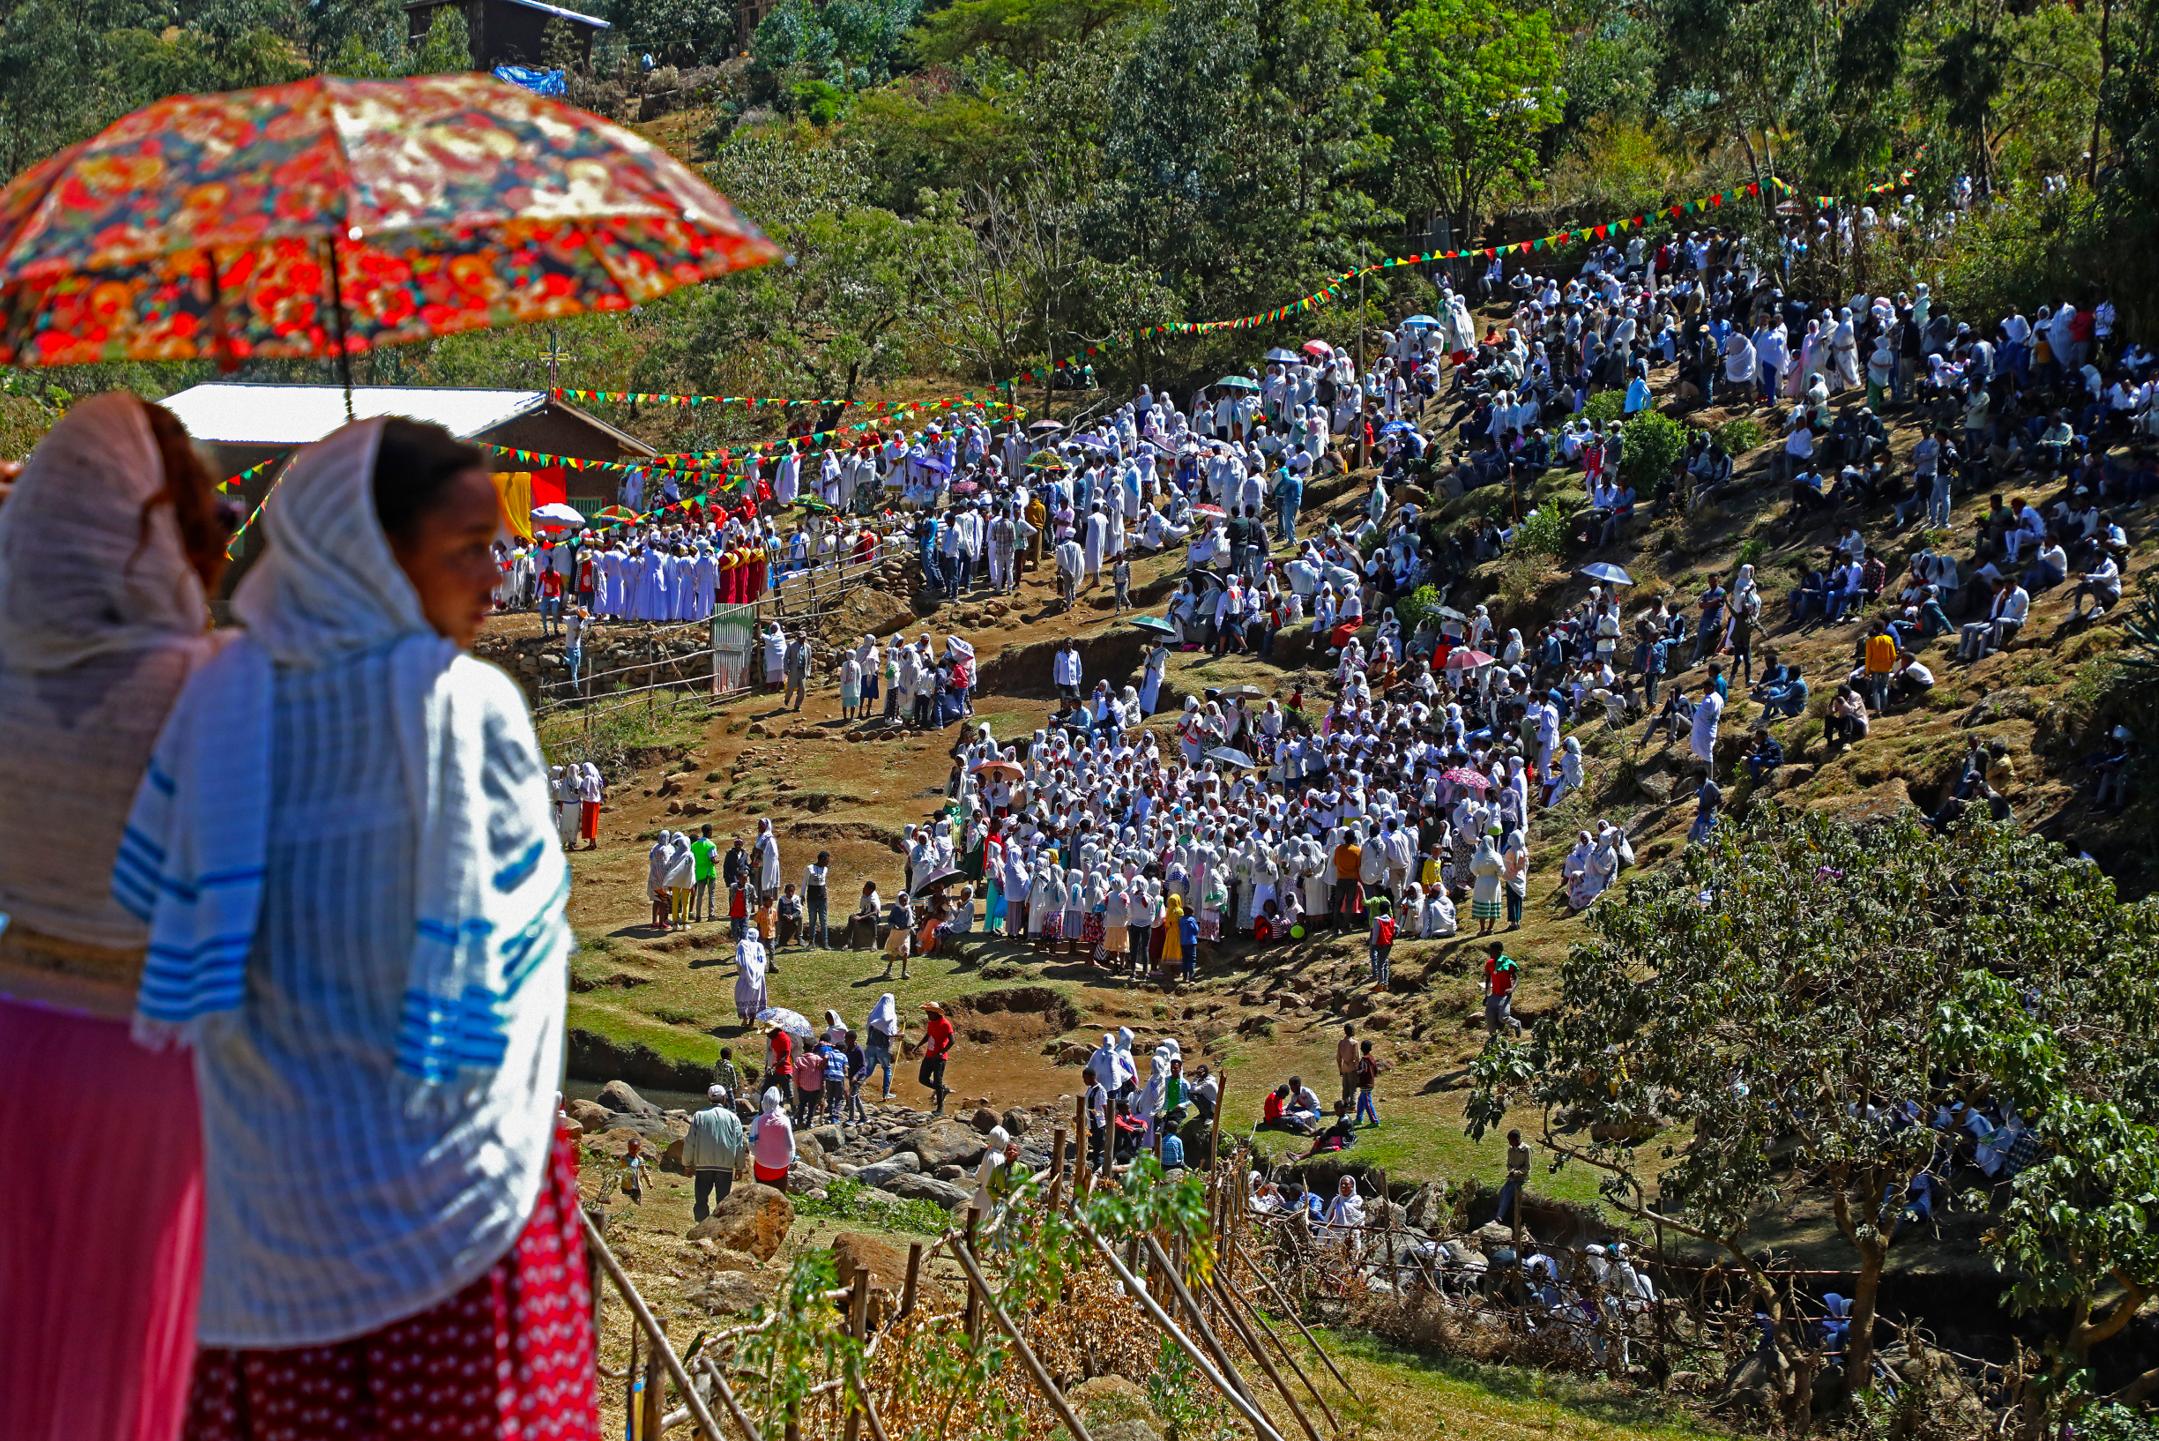 사람_뜸카트(예수공현축일), 아셀라_에티오피아, 30.5 x 45